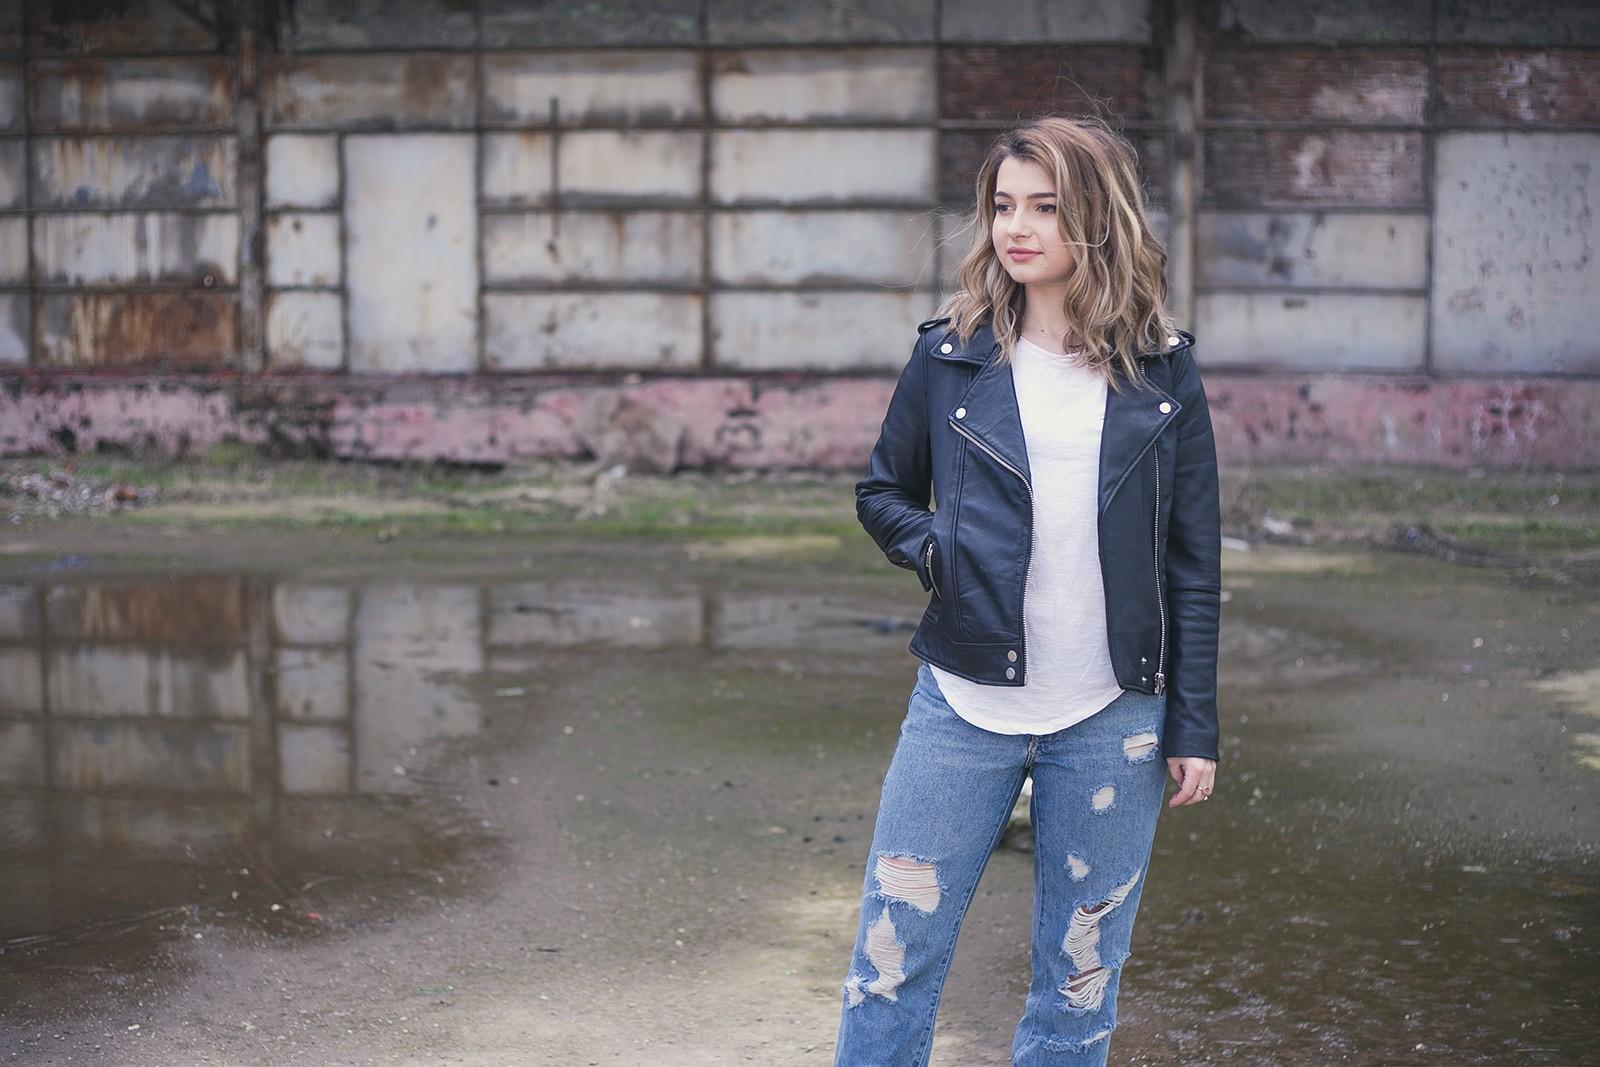 denisaismam-leather-jacket-boyfriend-jeans-burgundy-bag_1860